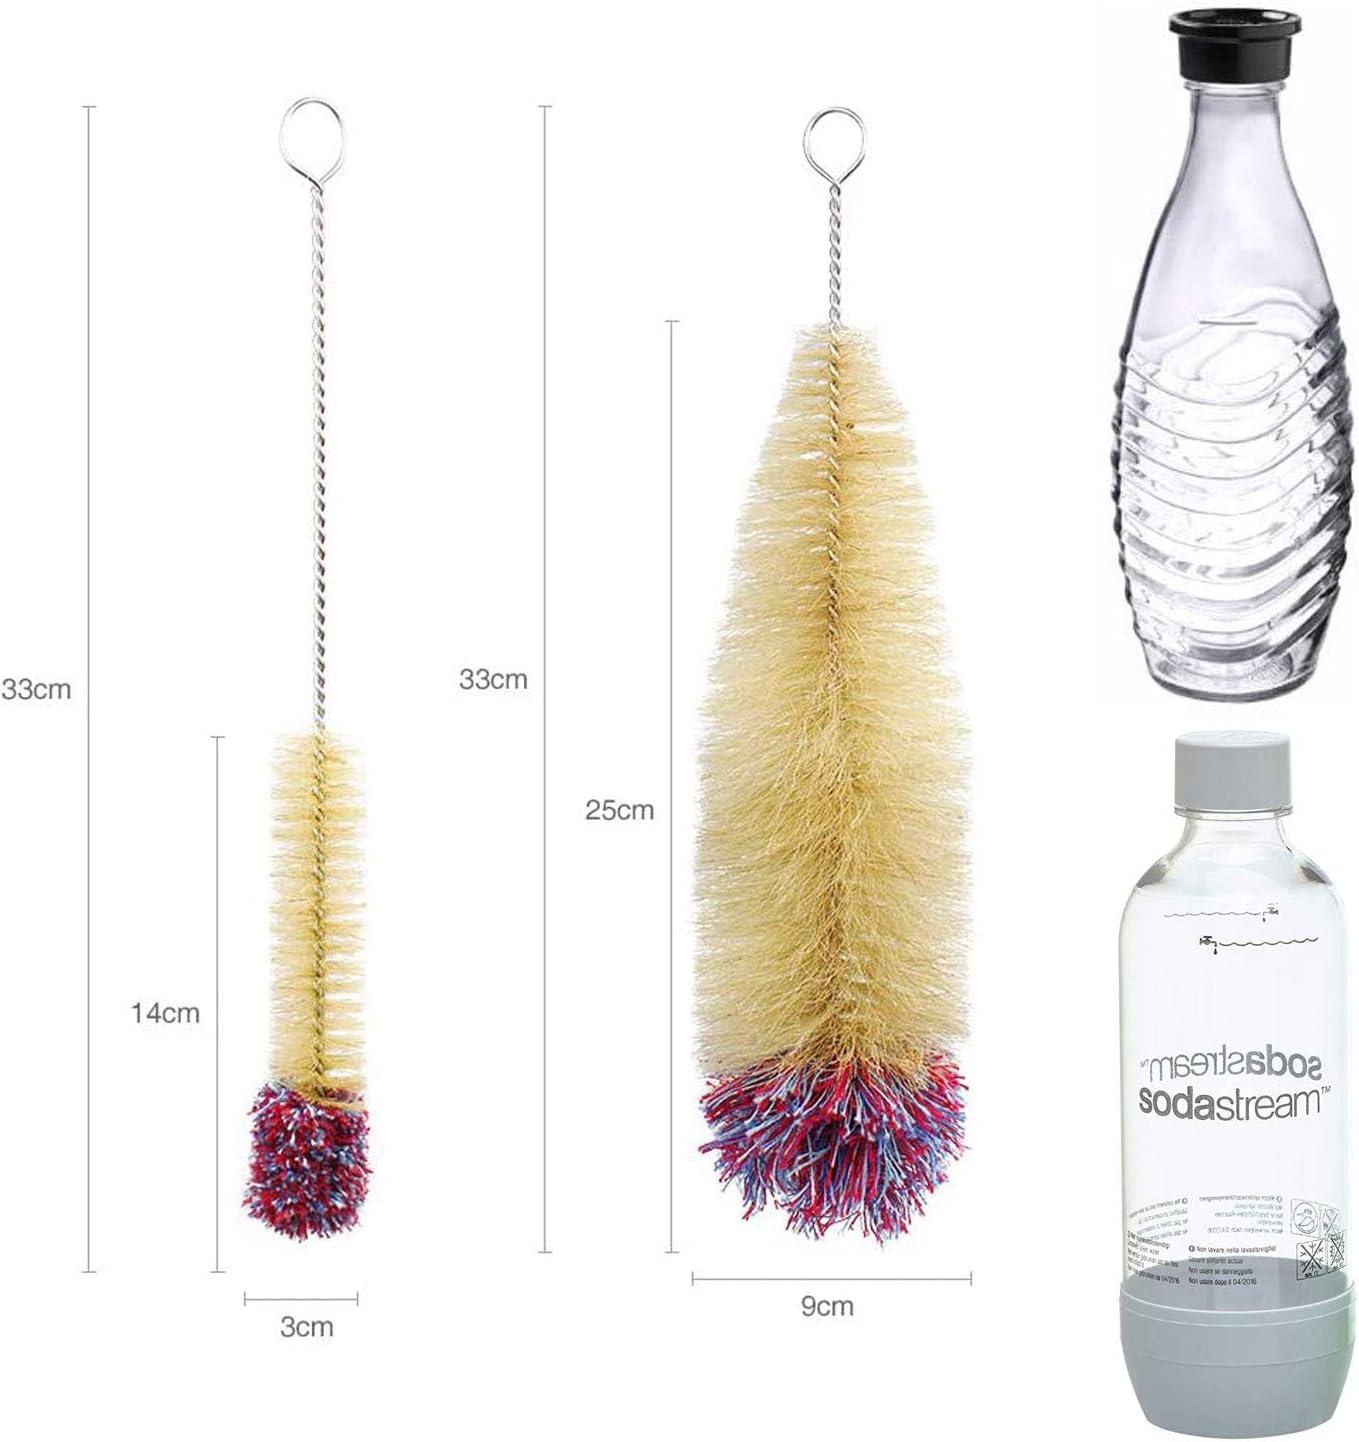 Grunda 2er Set Flaschenb/ürste Reinigungsb/ürste Kompatibel mit Sodastream Flaschen mit Wollkopf f/ür Glasflaschen Pet-Flashe Sprudlerflaschen Babyflaschen